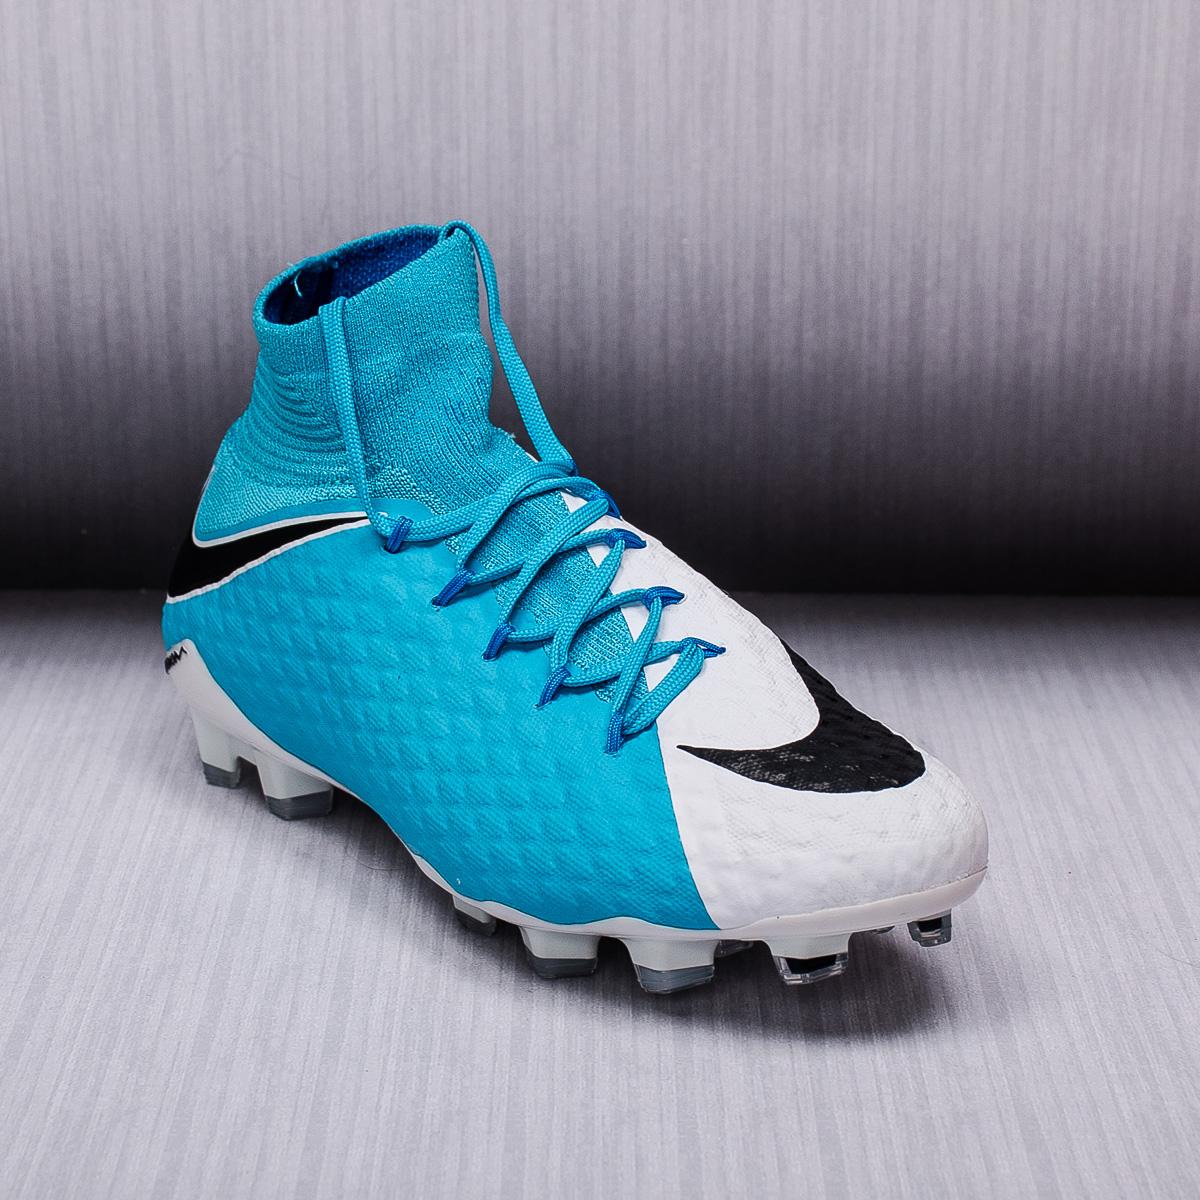 Nike Hypervenom Phatal III FG Soccer Cleats - Soccer ...